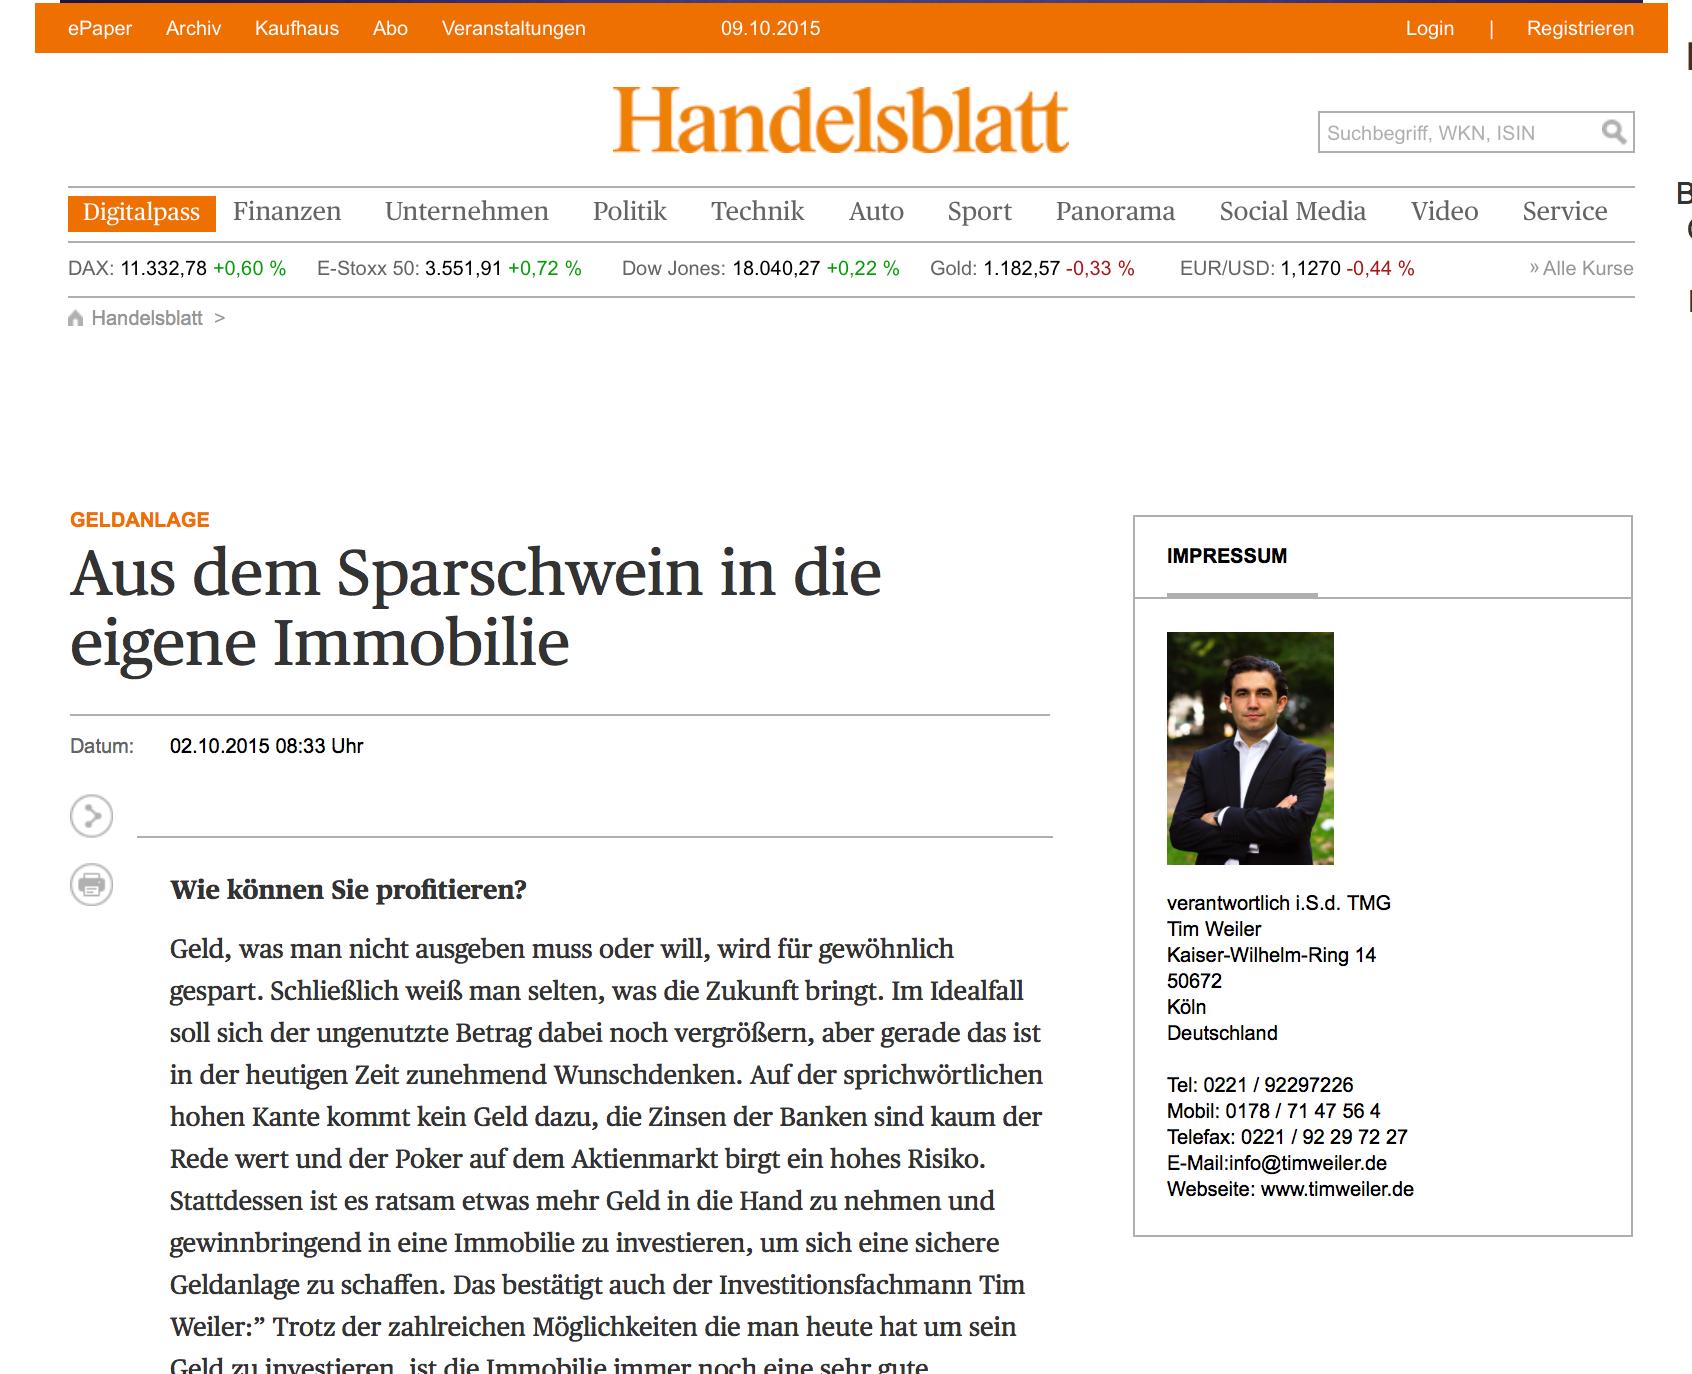 Tim Weiler im Handelsblatt